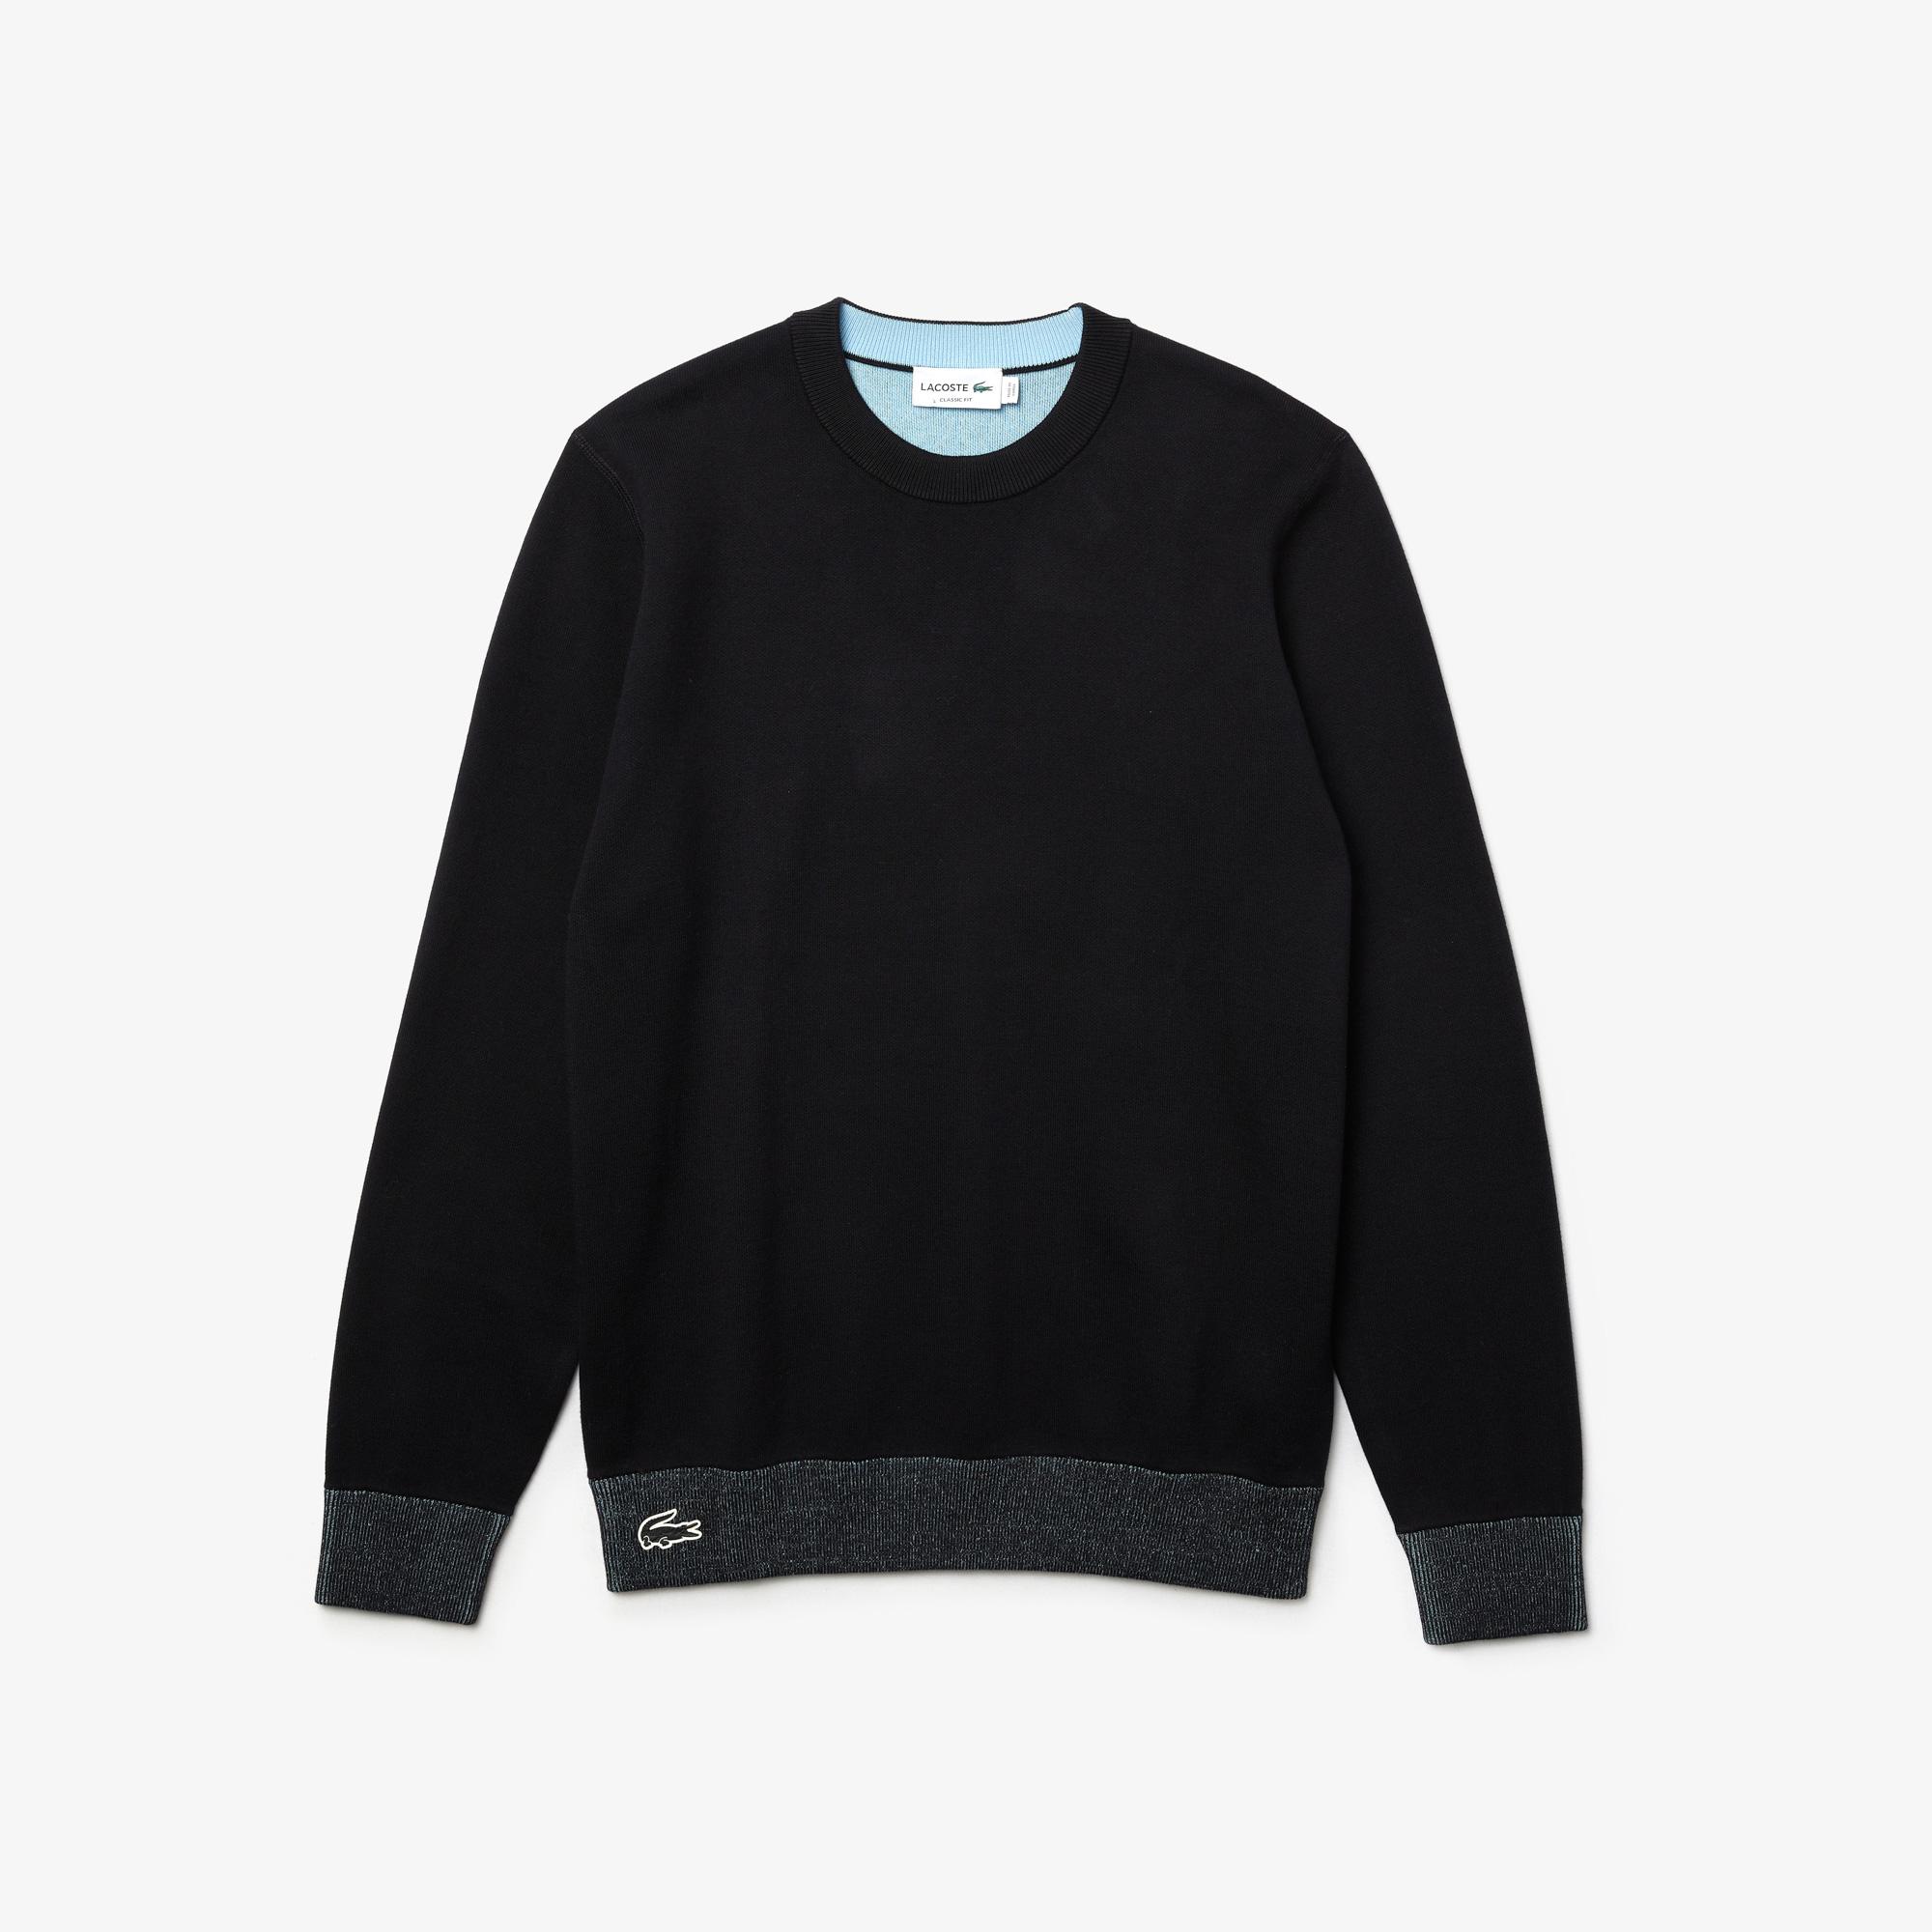 Lacoste Męski Dwustronny Kontrastowy Sweter Z Okrągłym Wycięciem Pod Szyją